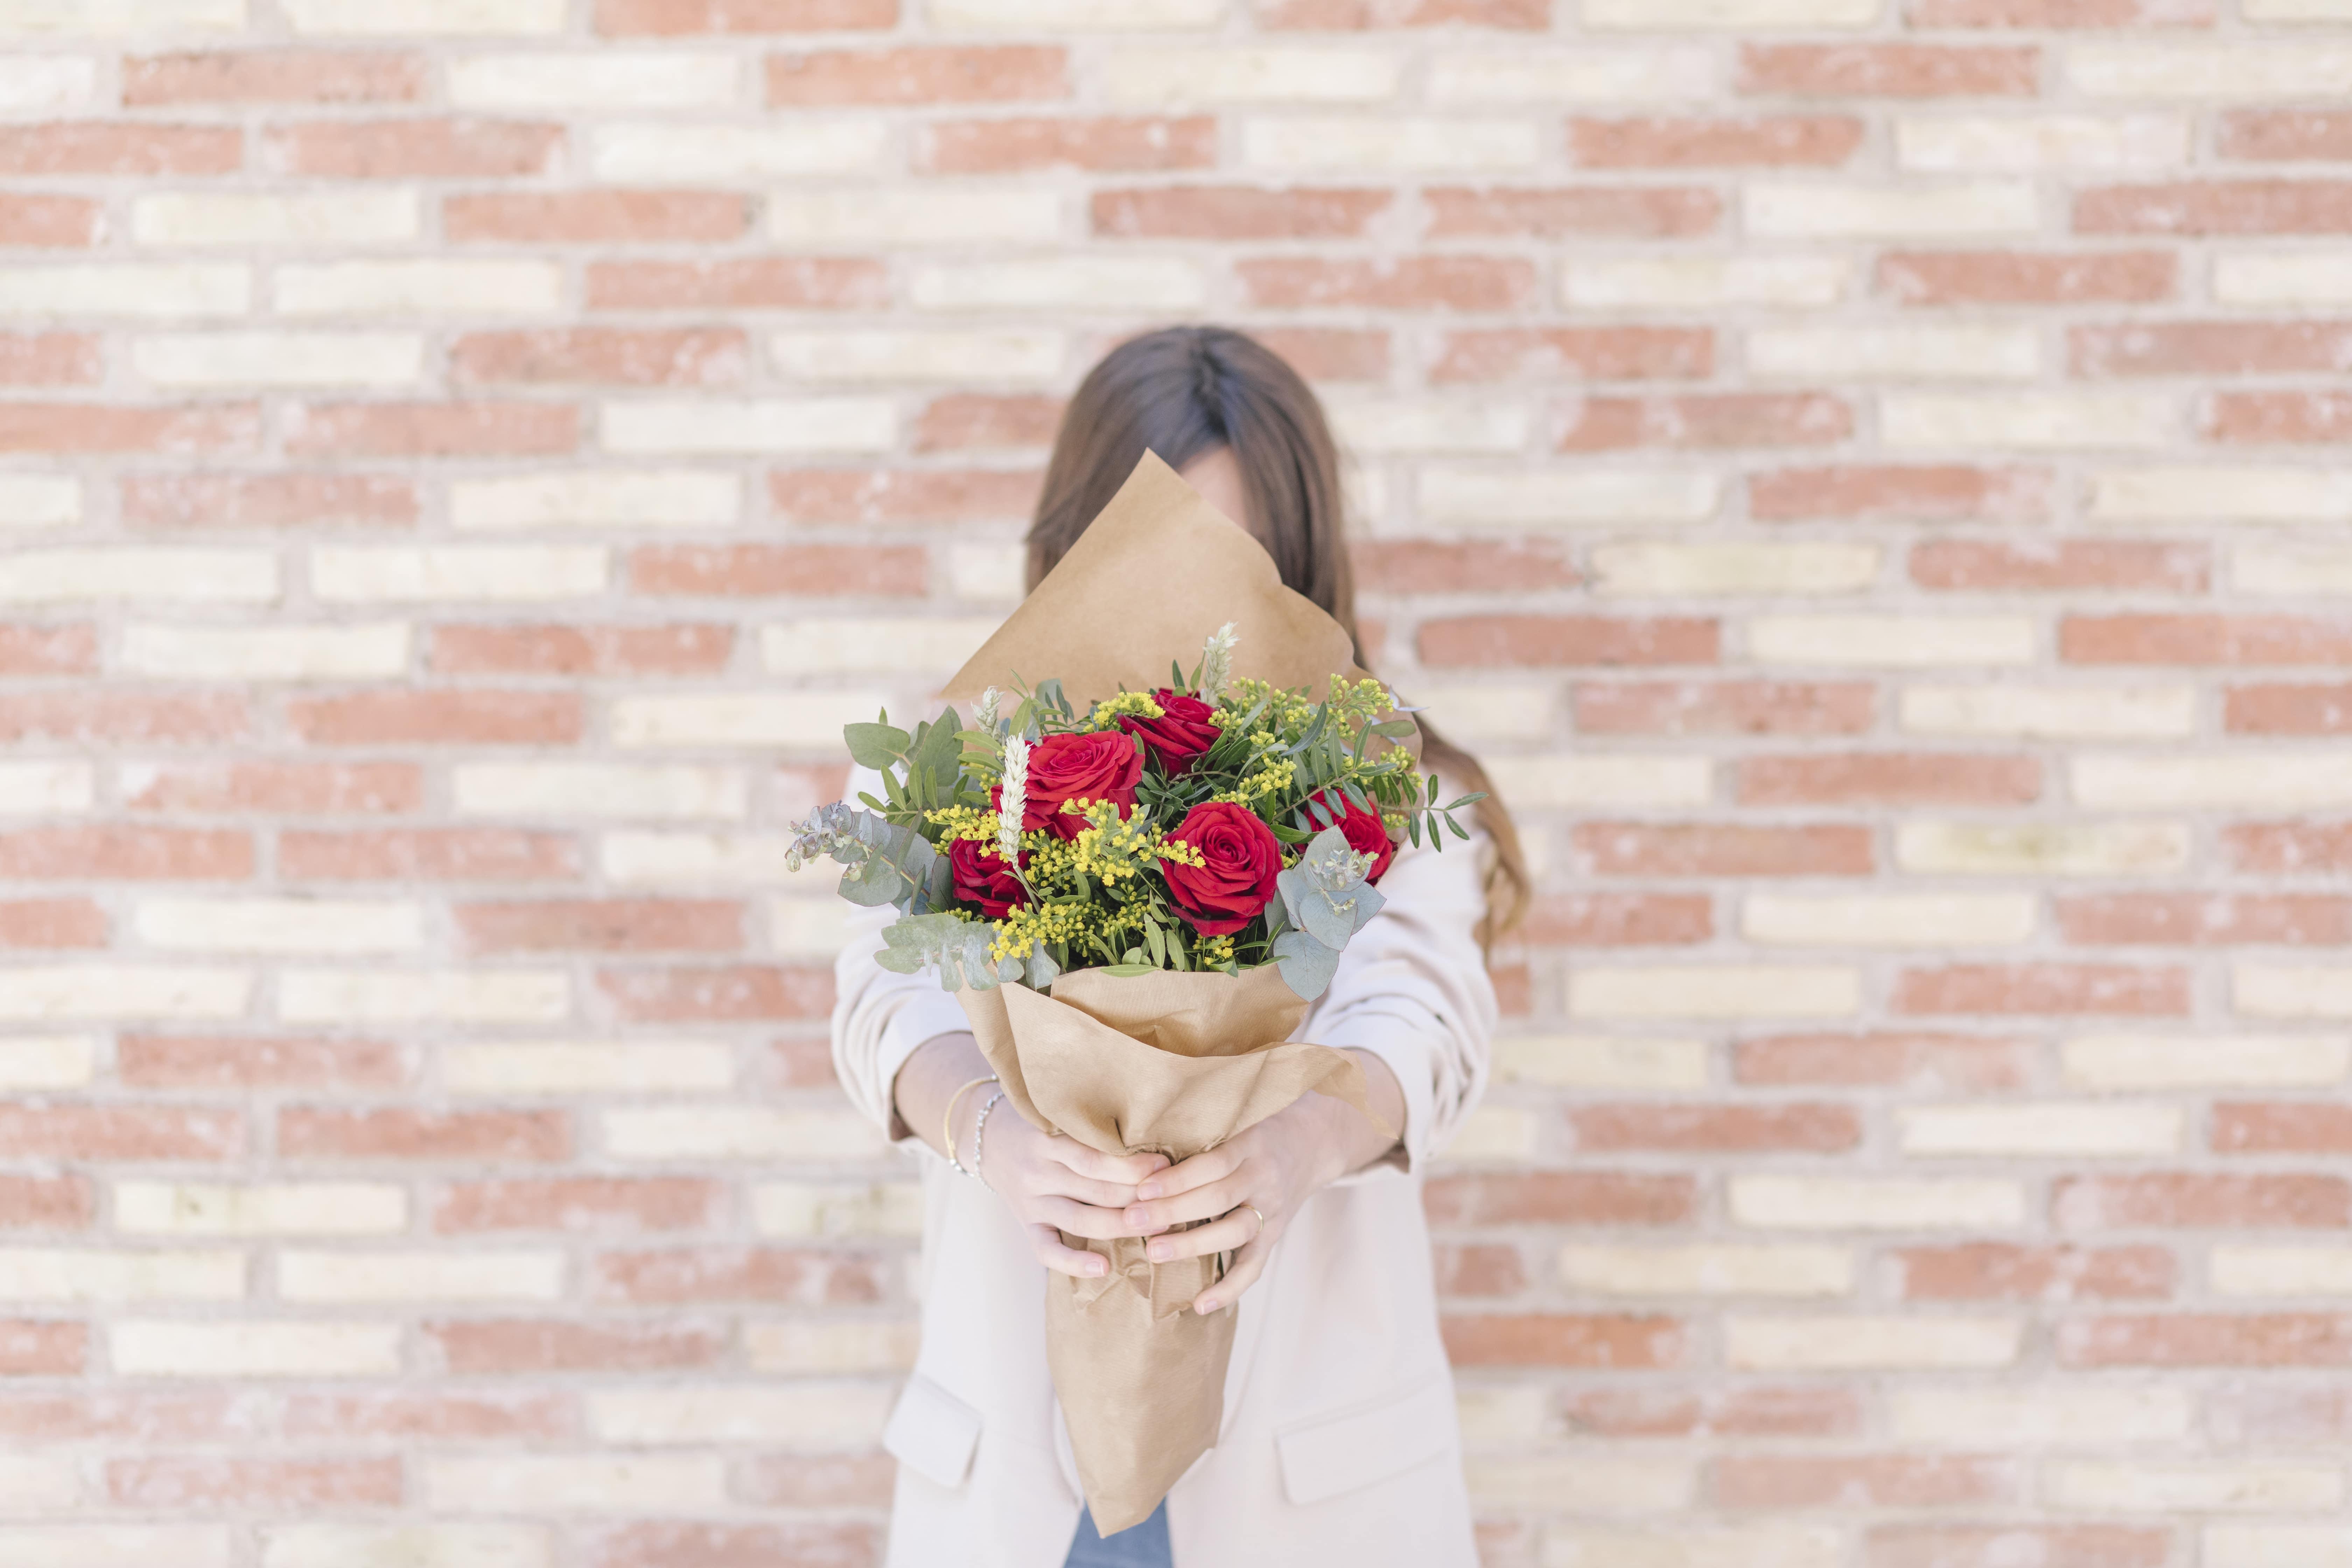 https://www.thecolvinco.com/es/ramos-de-flores/dolera